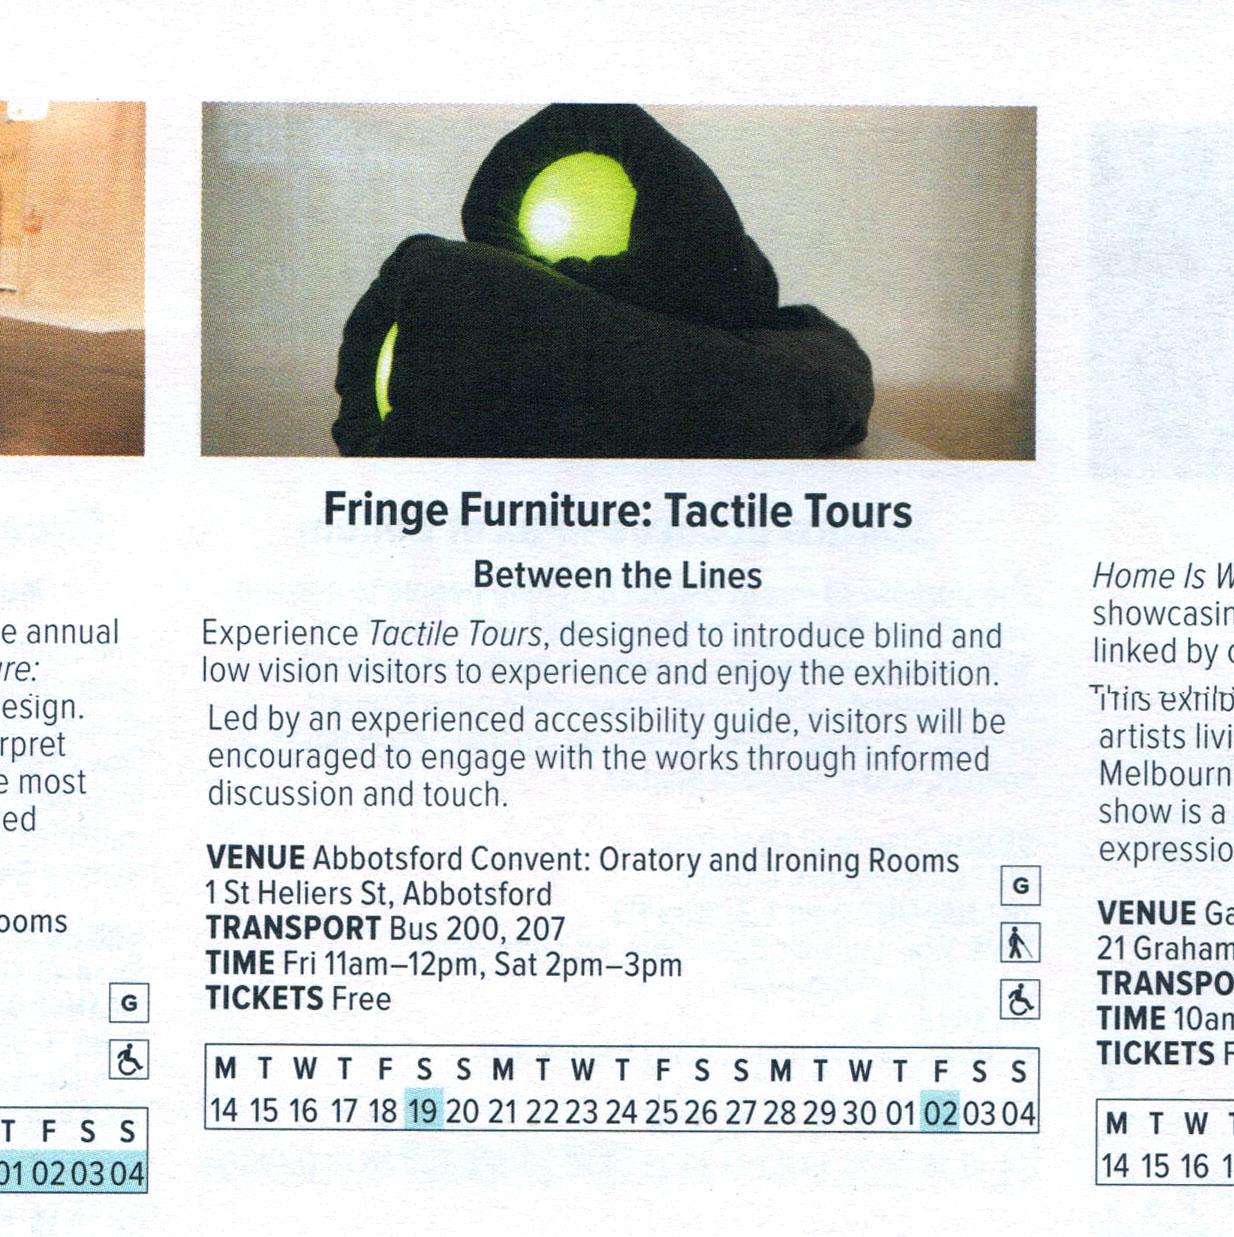 Fringe 2015 Tactile Tour 2 Promo 300dpi SQUARE2.jpg